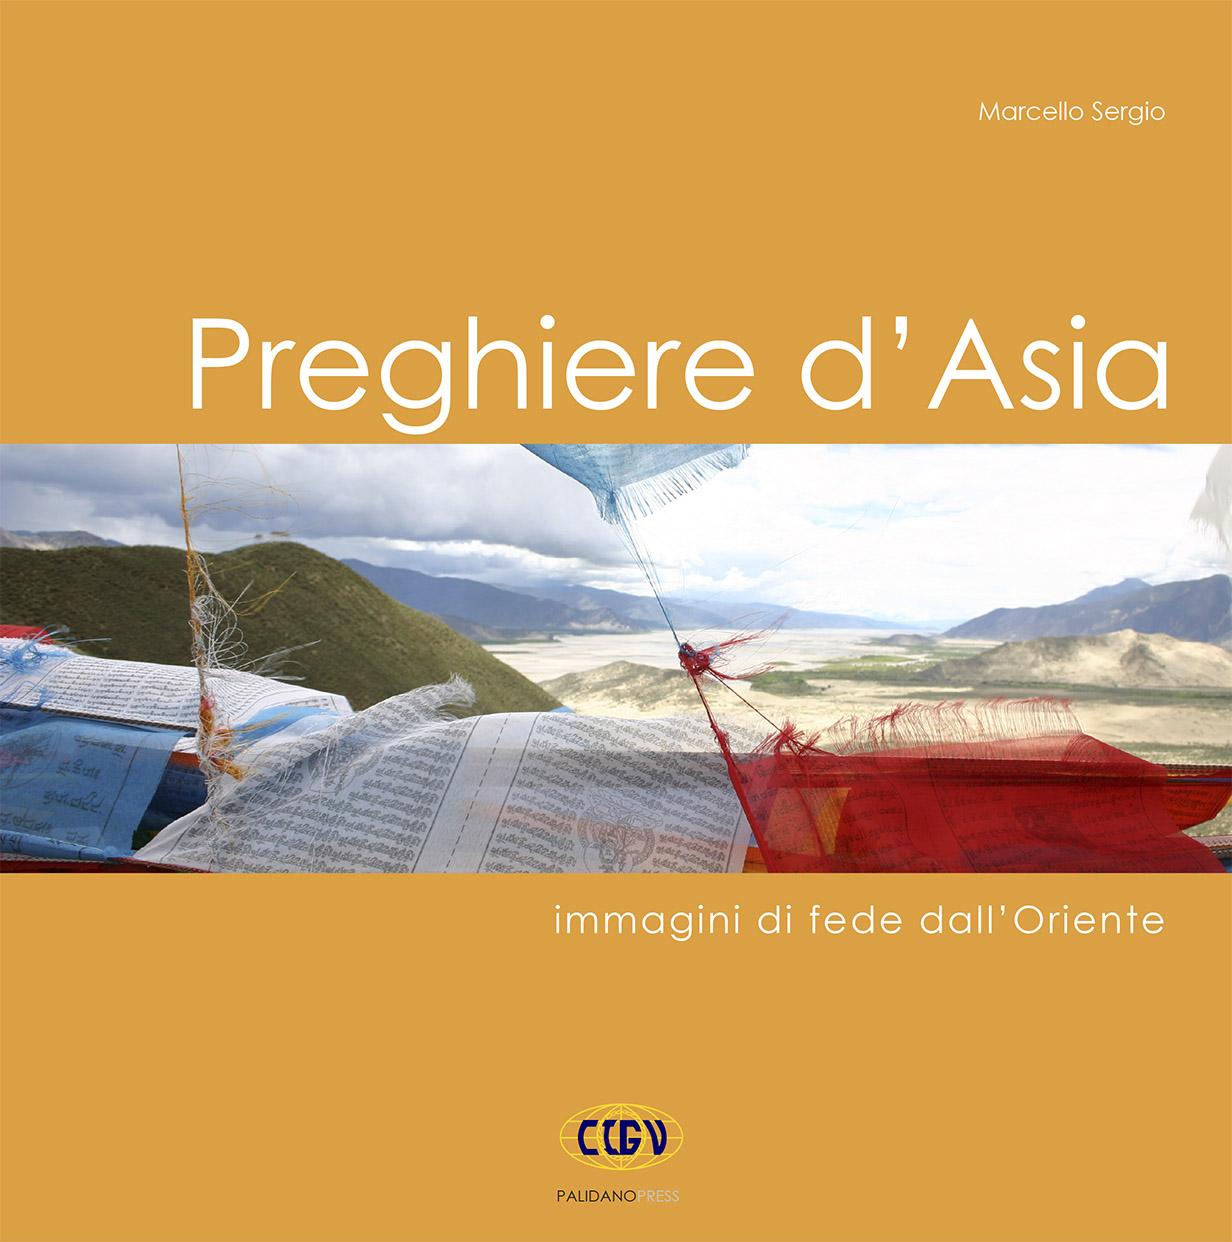 """""""Preghiere d'Asia"""" il mio libro donato a Papa Francesco"""